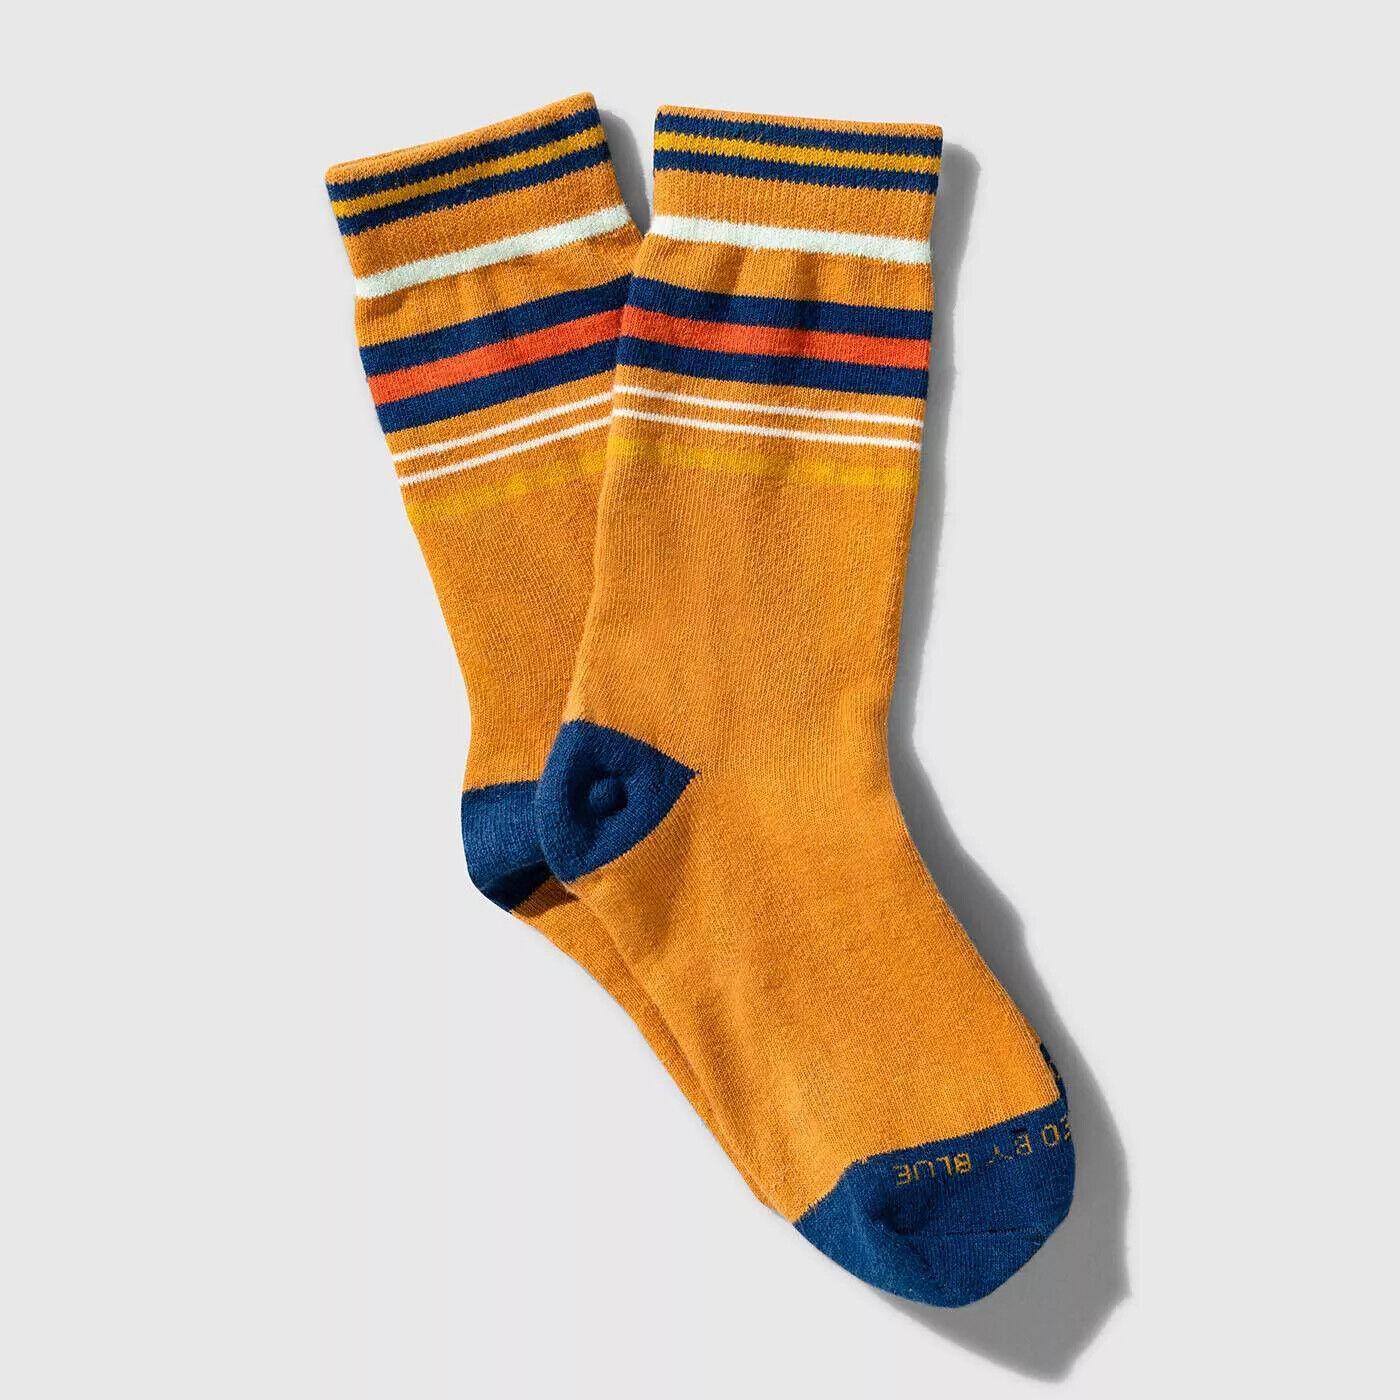 (THREE PACK) United By Blue Organic Striped Crew Soft Hemp Socks Sienna L - 3pc